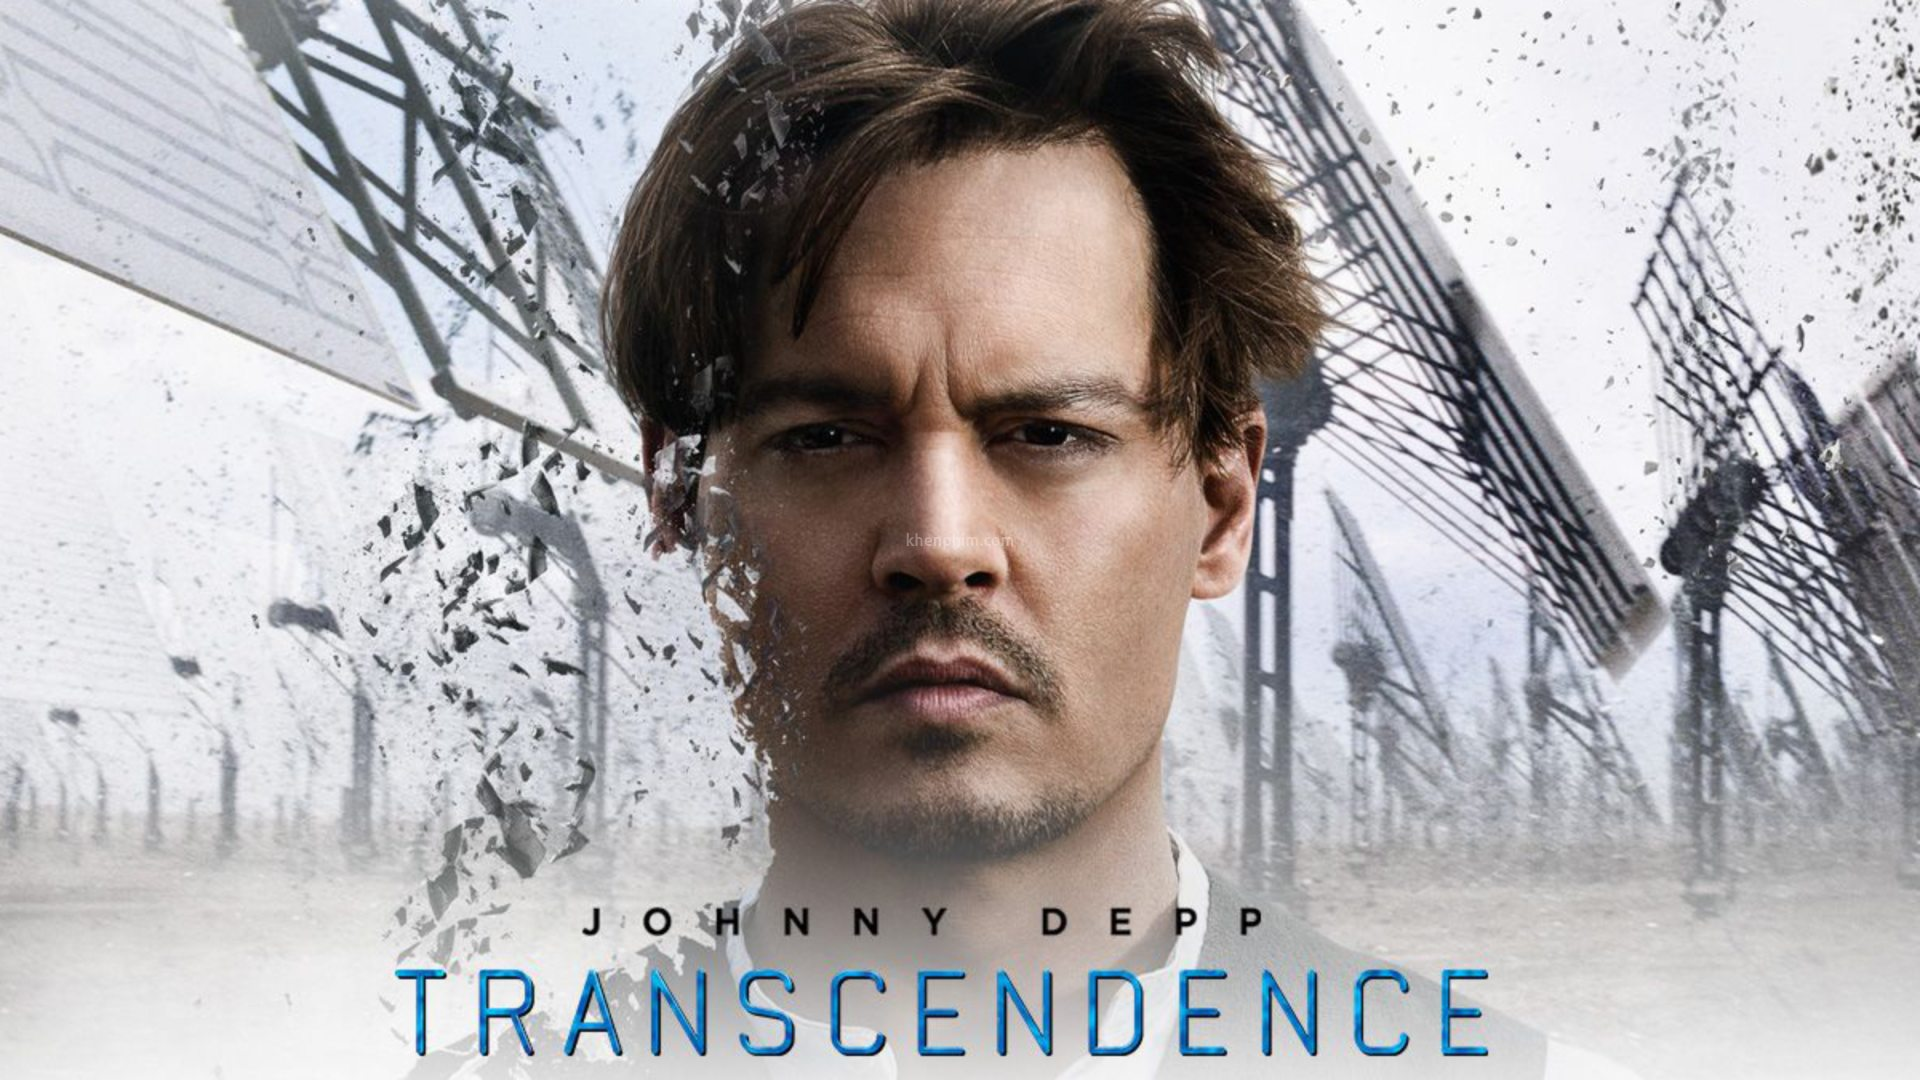 Johnny Depp tham gia đóng chính với vai tiến sĩ Will trong phim Transcendence